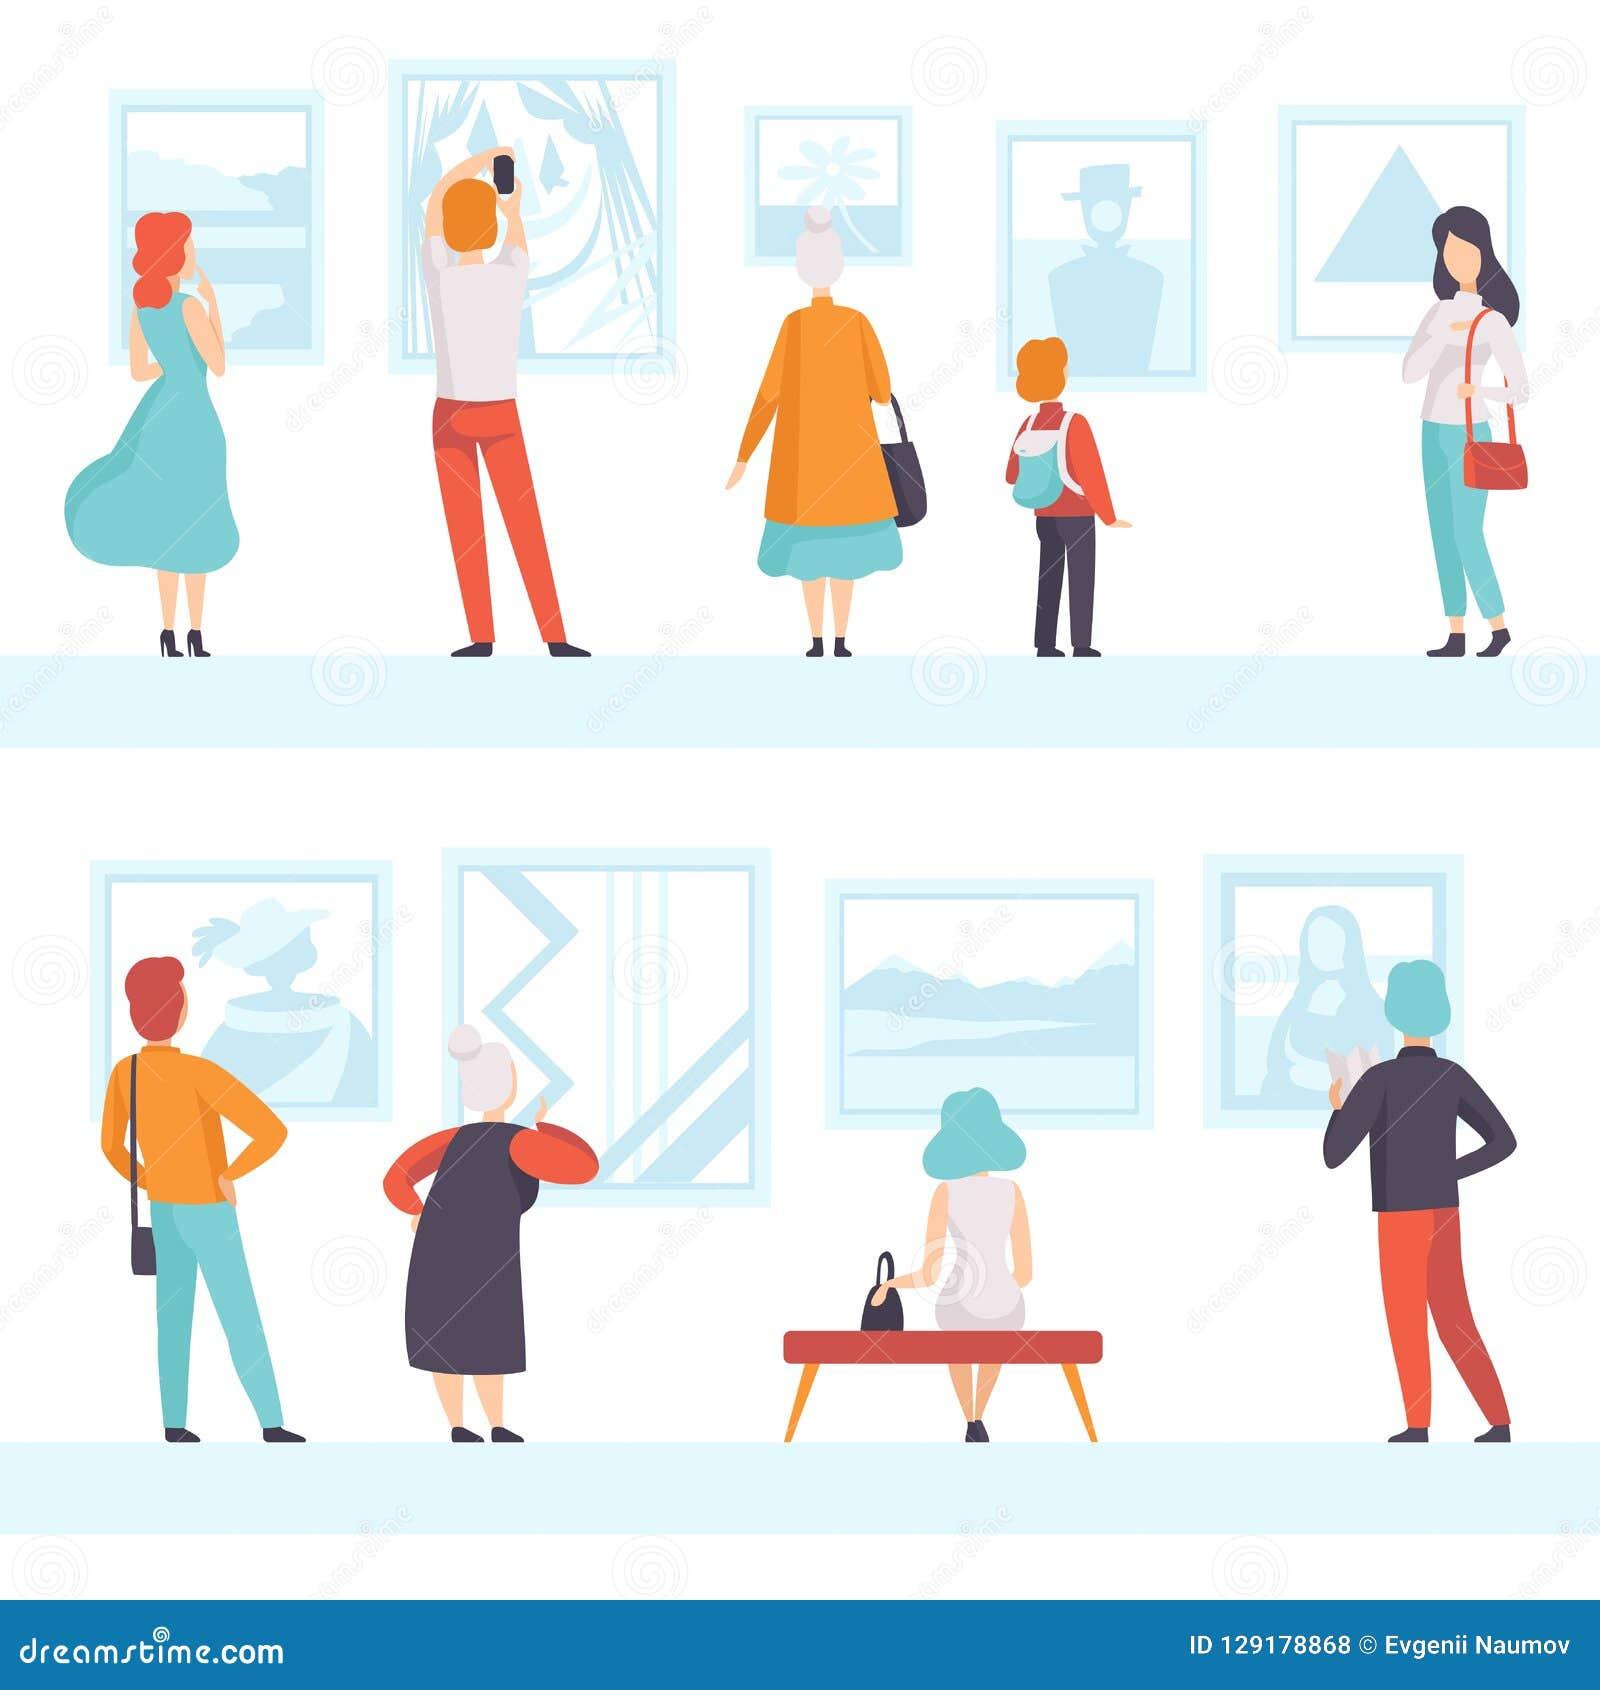 Gente de diversas edades que miran las imágenes que cuelgan en la pared, visitantes de la exposición que ven objetos expuestos de